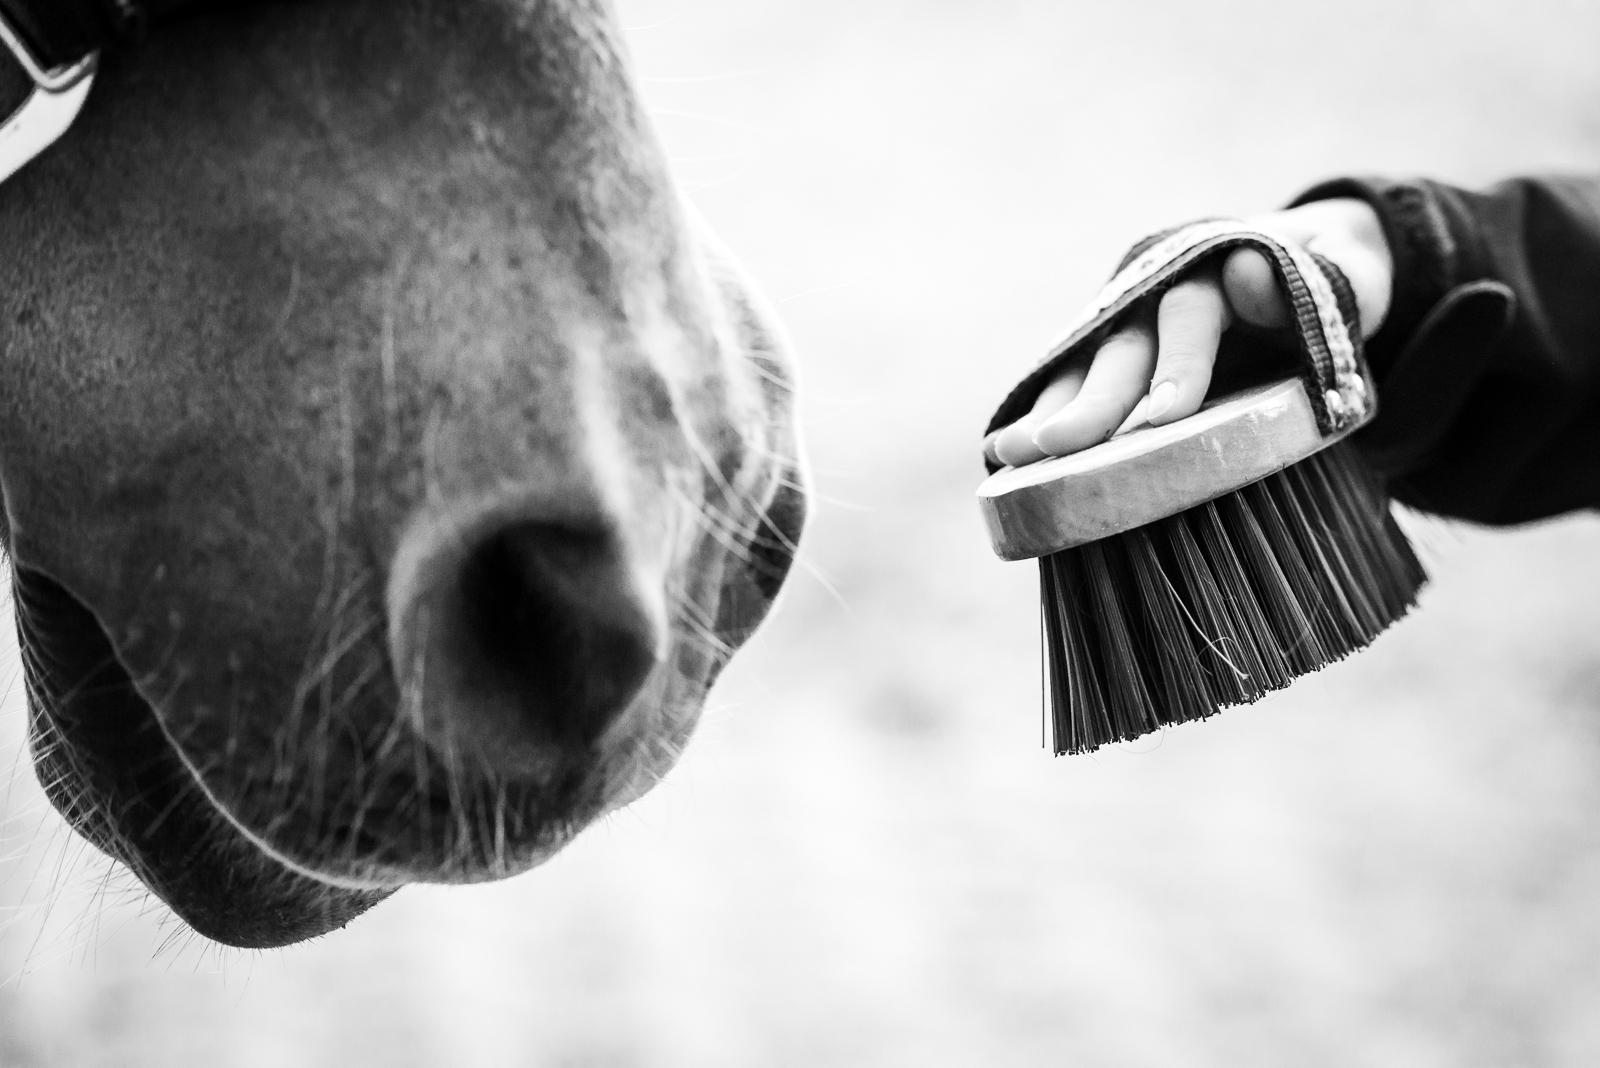 Kontakt | Hand mit Bürste und Nüstern Pferdenase | Sarah Koutnik Fotografie | Authentische Pferdefotografie Krailling München Bayern